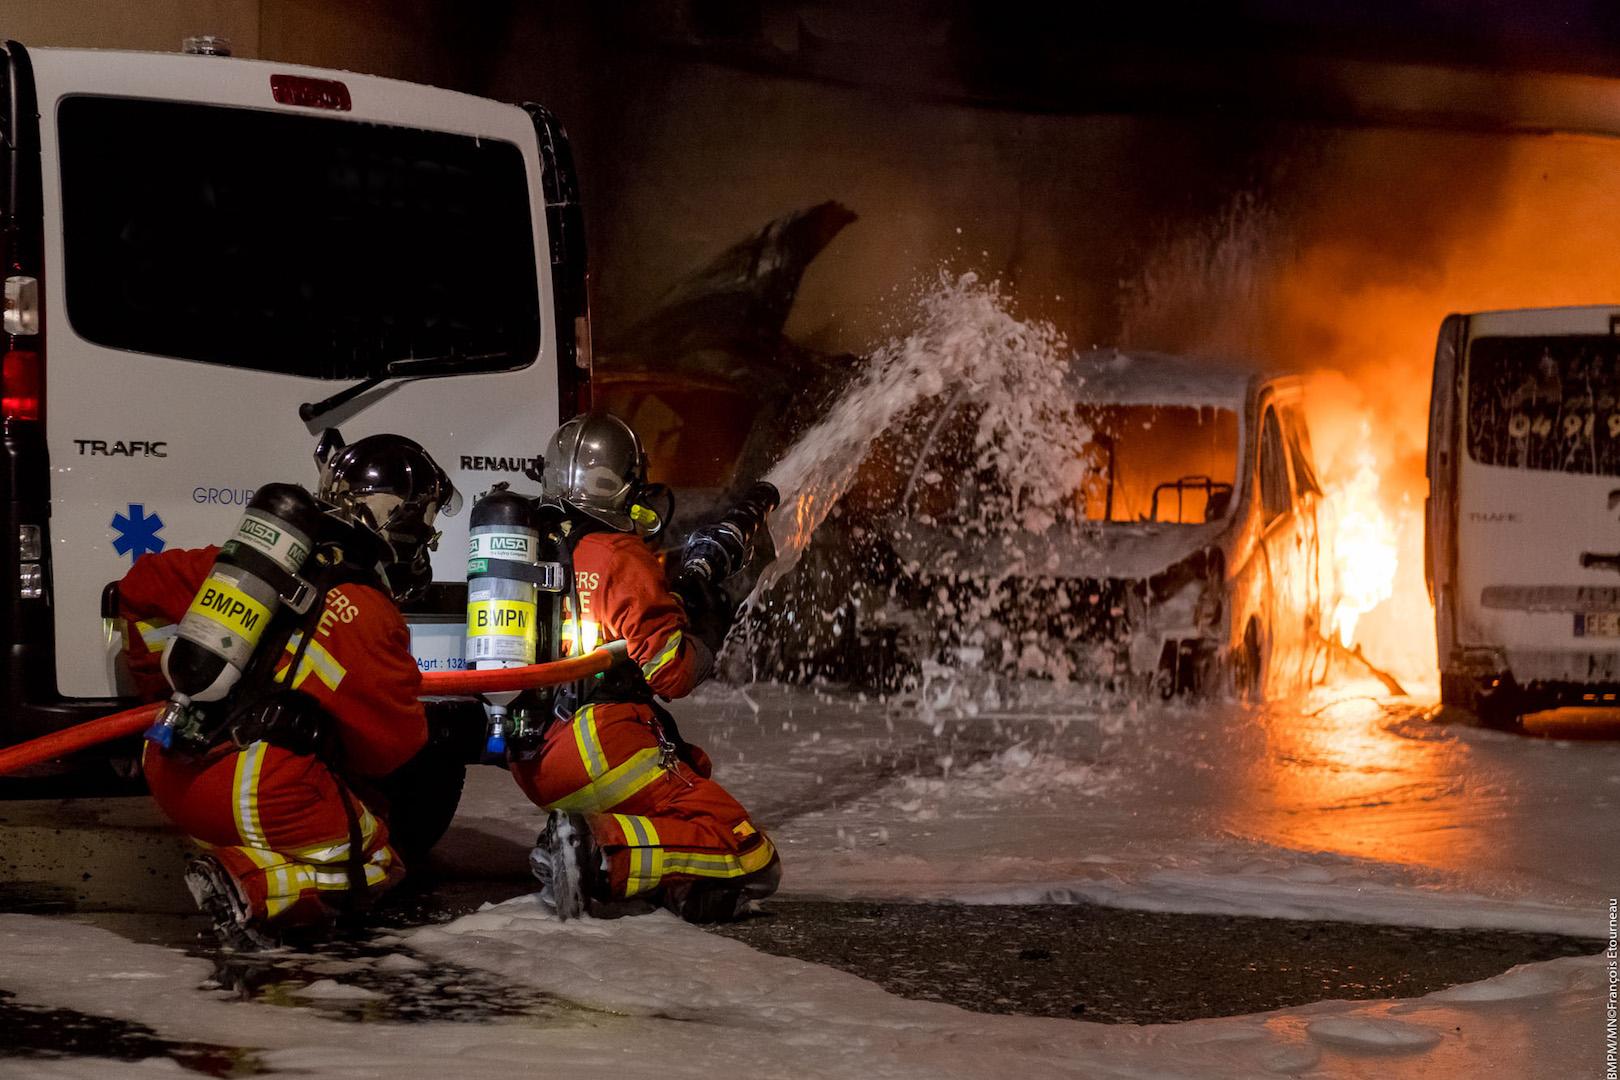 🇫🇷 Marseille (13) : Un marin-pompier blessé dans un feu d'entrepôt